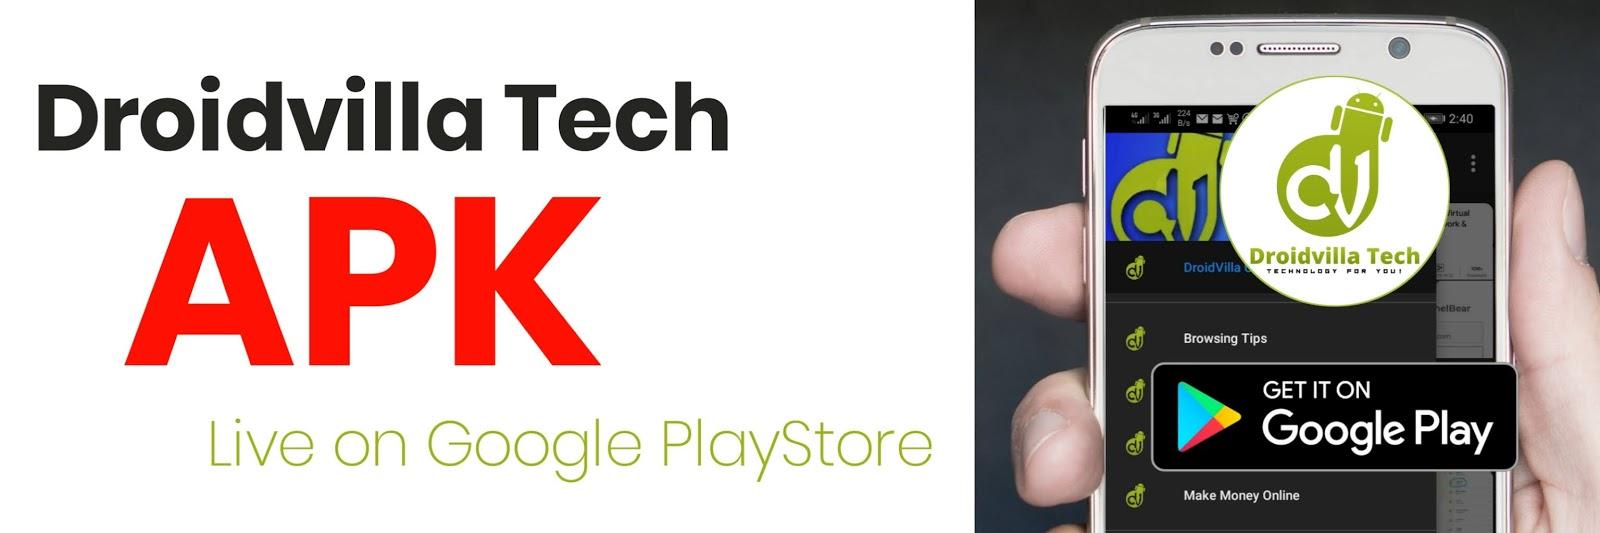 Dvtech apk Google PlayStore